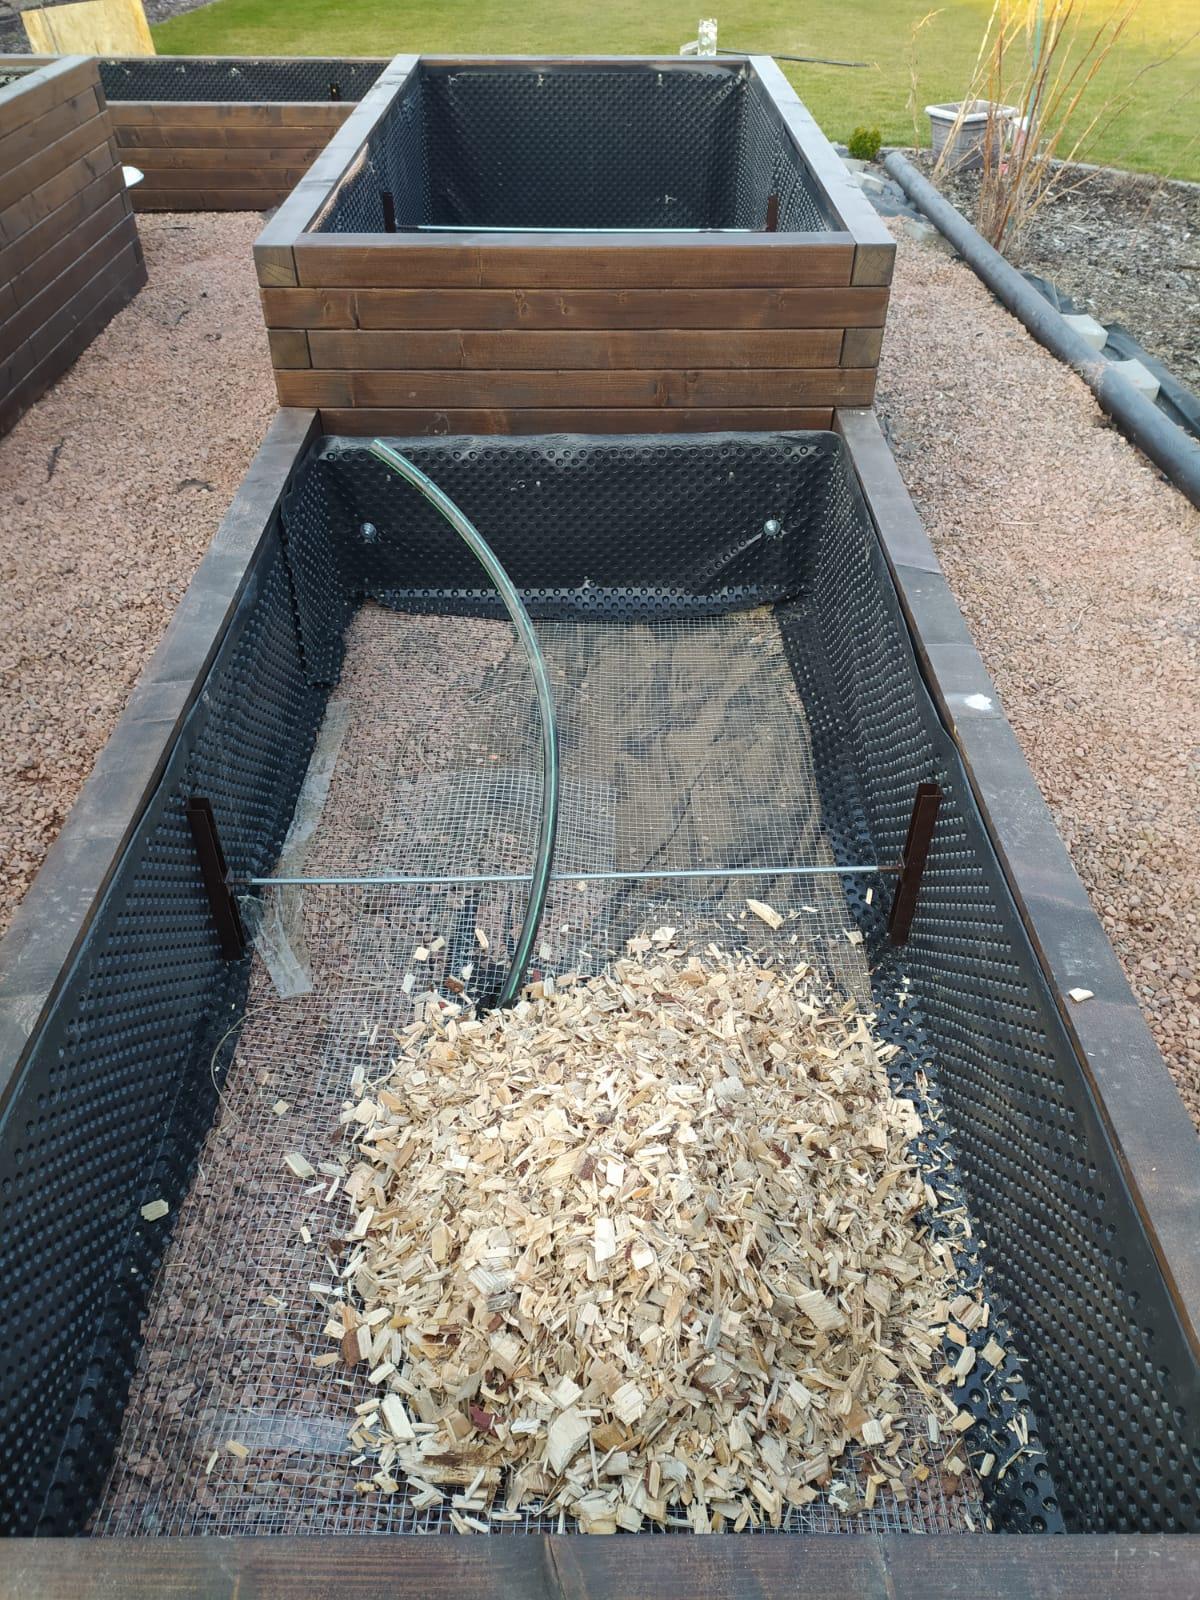 Přeji hezký večer, o víkendu jsme si mákli a založili vyvýšené záhony ve složení: králičí pletivo - štěpka - kompost - kravský granulovaný hnůj - kompost. Štěpku jsme koupili na pile, kompost prodávali za dobrou cenu ve vedlejší vesnici, tak snad budou dobře rodit :-) - Obrázek č. 2